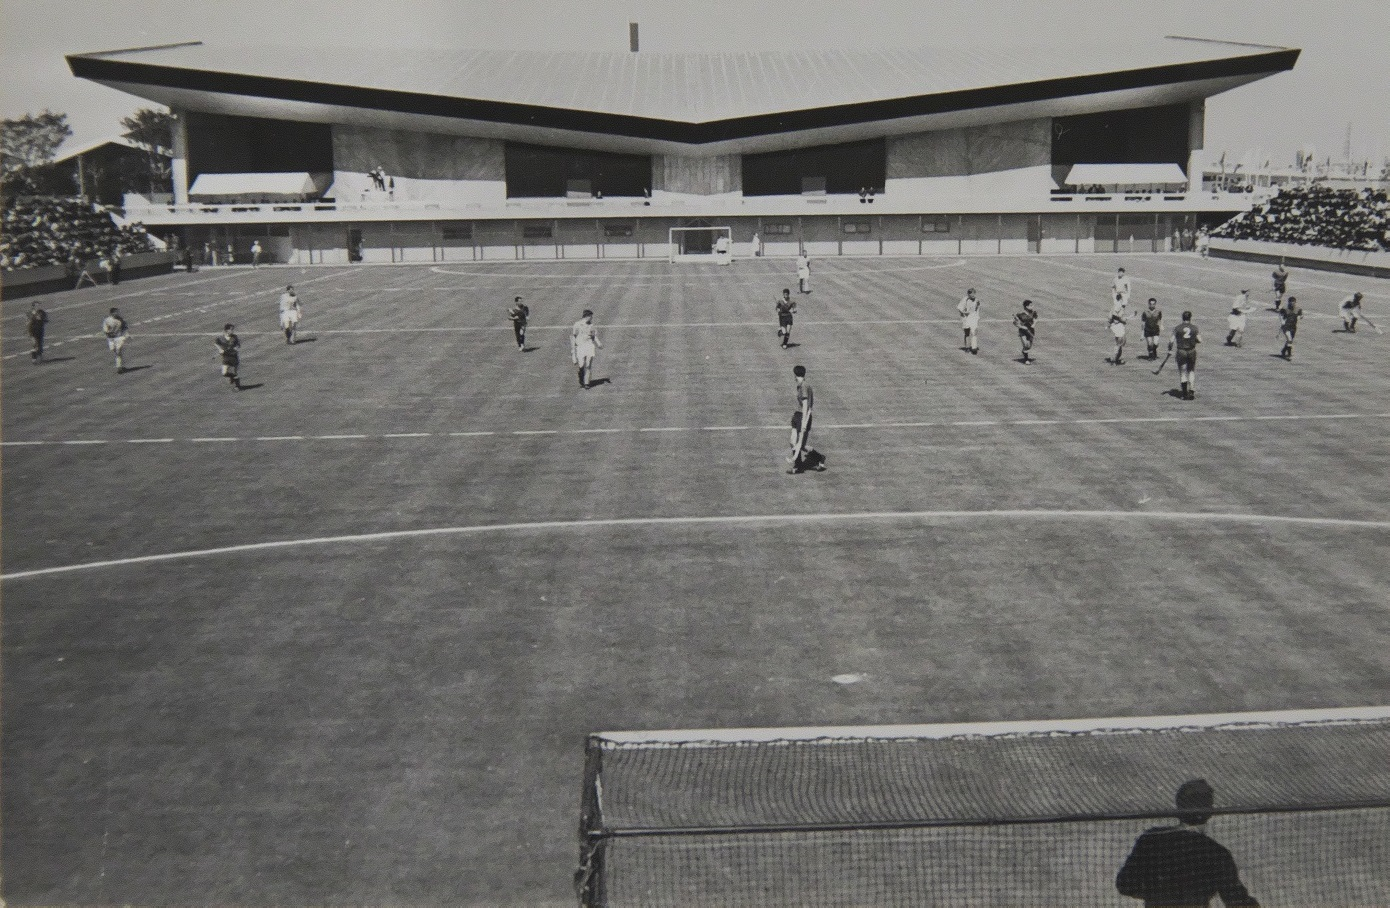 ホッケー会場の奥に見えるのが、バレーボール試合会場の屋内球技場(日本ホッケー協会提供)。